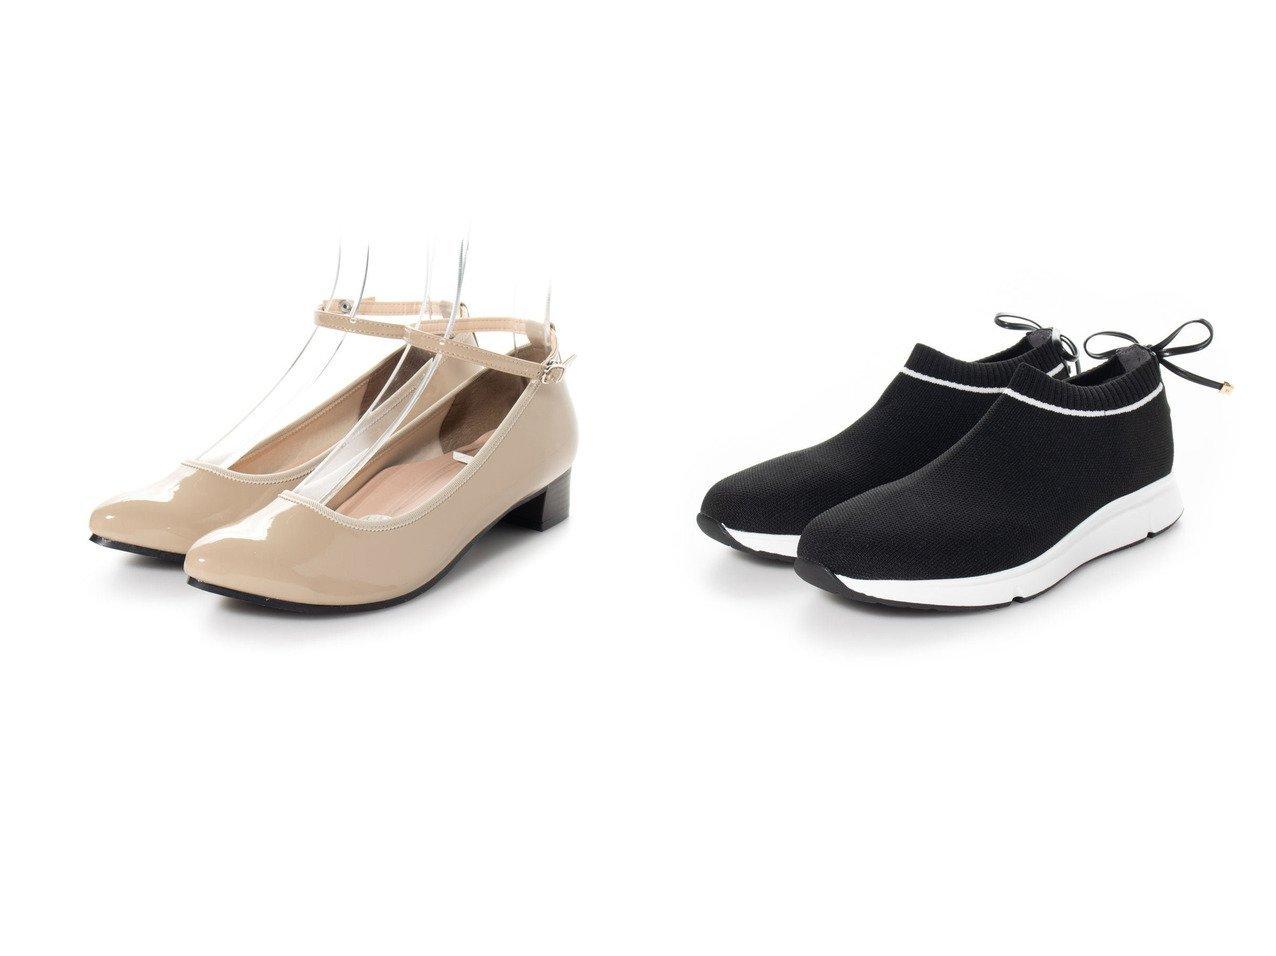 【RiiiKa/リーカ】のポインテッドトゥアンクルベルトレインパンプス&【RANDA/ランダ】のストレスフリー/バックリボンニットスニーカー シューズ・靴のおすすめ!人気、トレンド・レディースファッションの通販  おすすめで人気の流行・トレンド、ファッションの通販商品 メンズファッション・キッズファッション・インテリア・家具・レディースファッション・服の通販 founy(ファニー) https://founy.com/ ファッション Fashion レディースファッション WOMEN ベルト Belts トップス Tops Tshirt ニット Knit Tops 2021年 2021 2021 春夏 S/S SS Spring/Summer 2021 S/S 春夏 SS Spring/Summer インソール インナー フォーマル メッシュ 人気 春 Spring 軽量 スニーカー リボン |ID:crp329100000019303